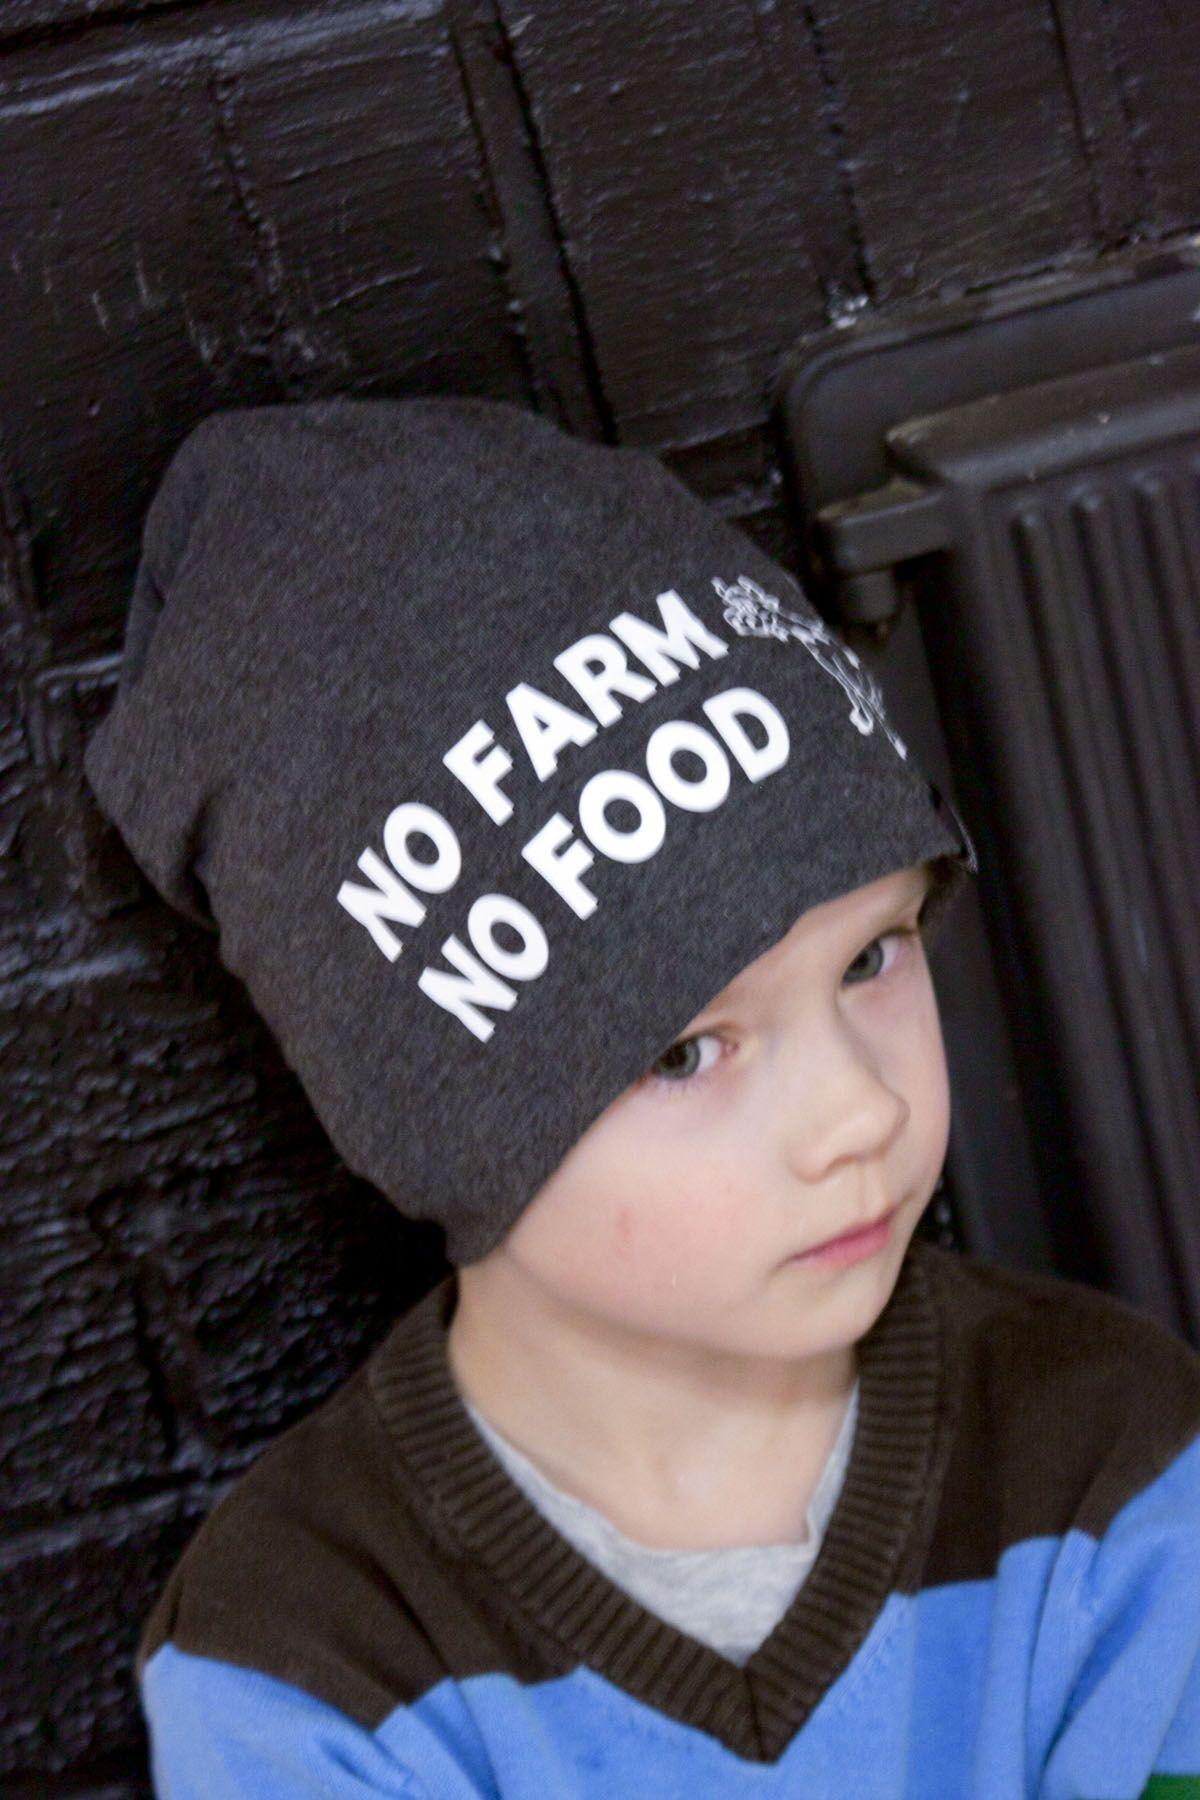 No farm no food